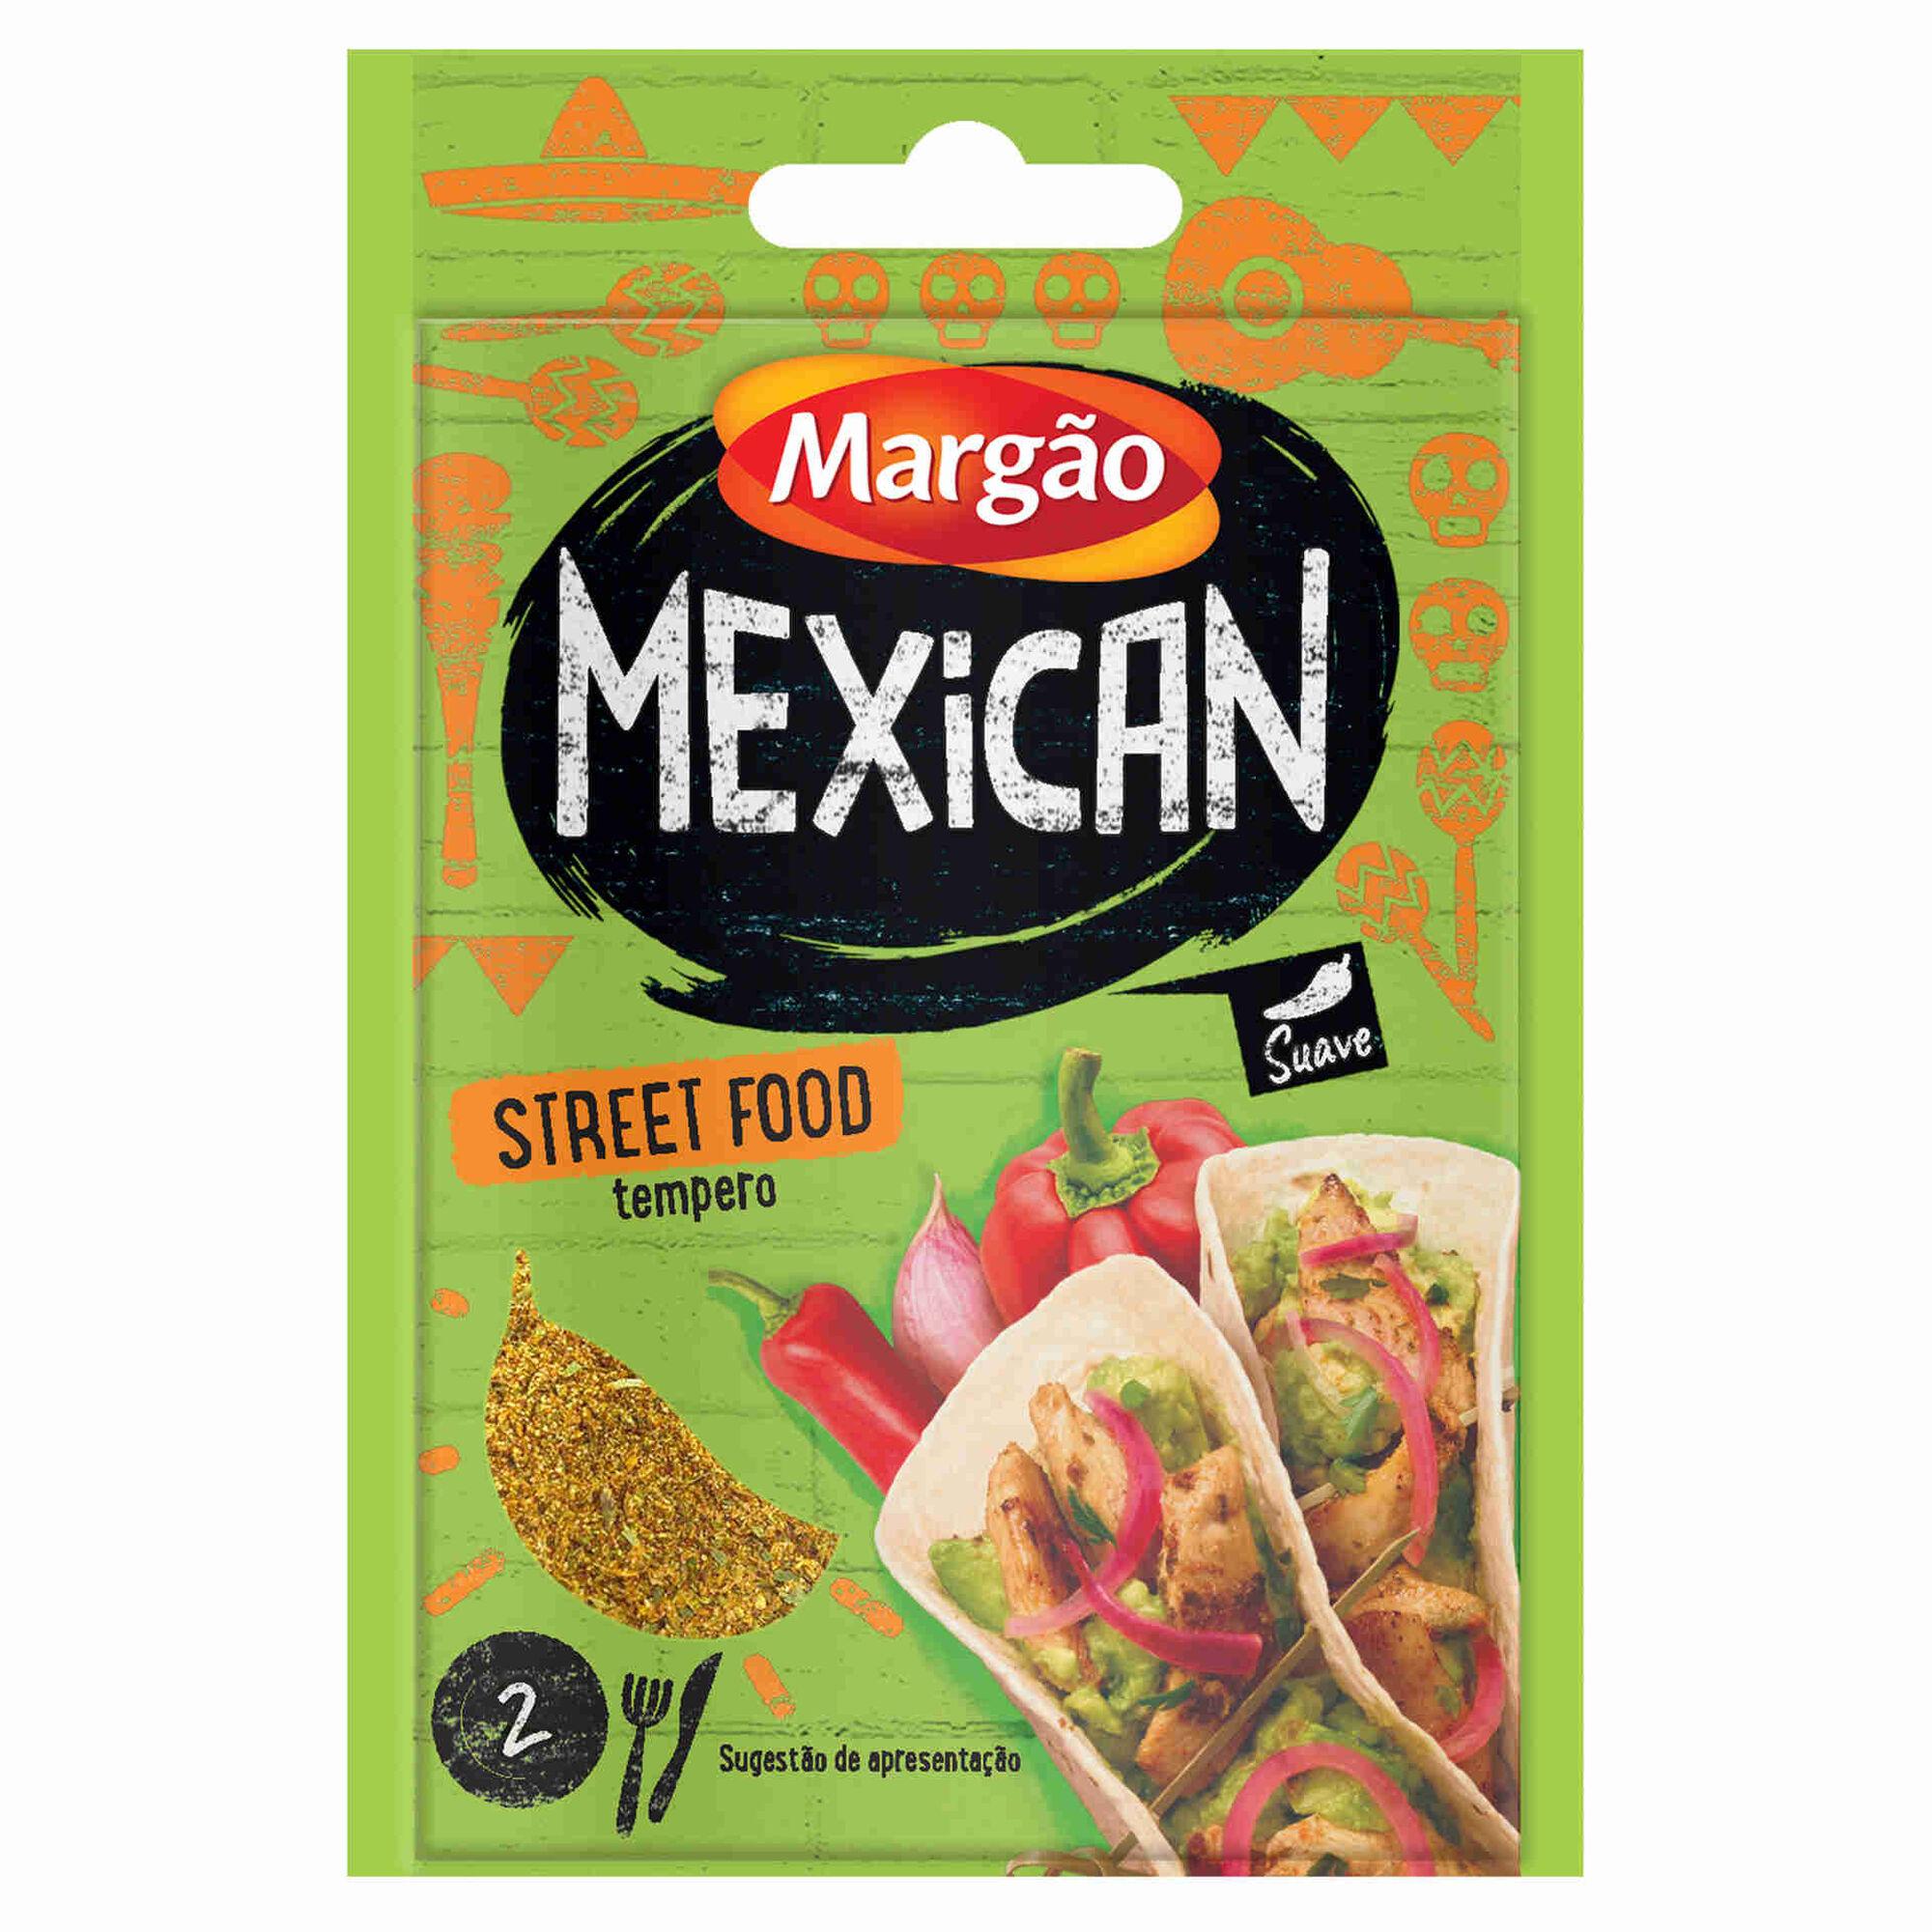 Tempero Mexican em Saqueta